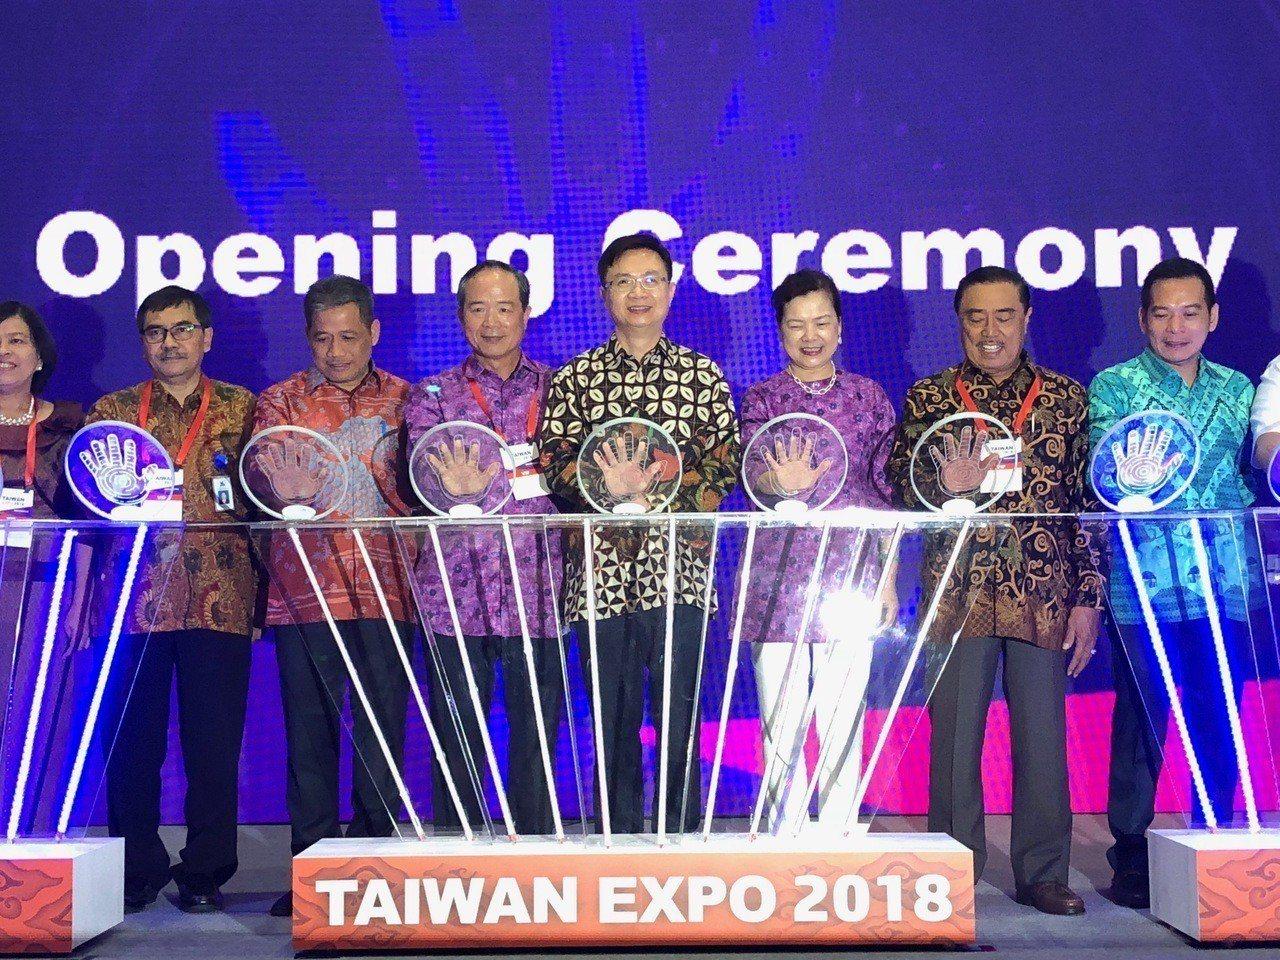 印尼台灣形象展開幕,由貿協董事長黃志芳(中)主持揭幕。記者黃文奇/攝影